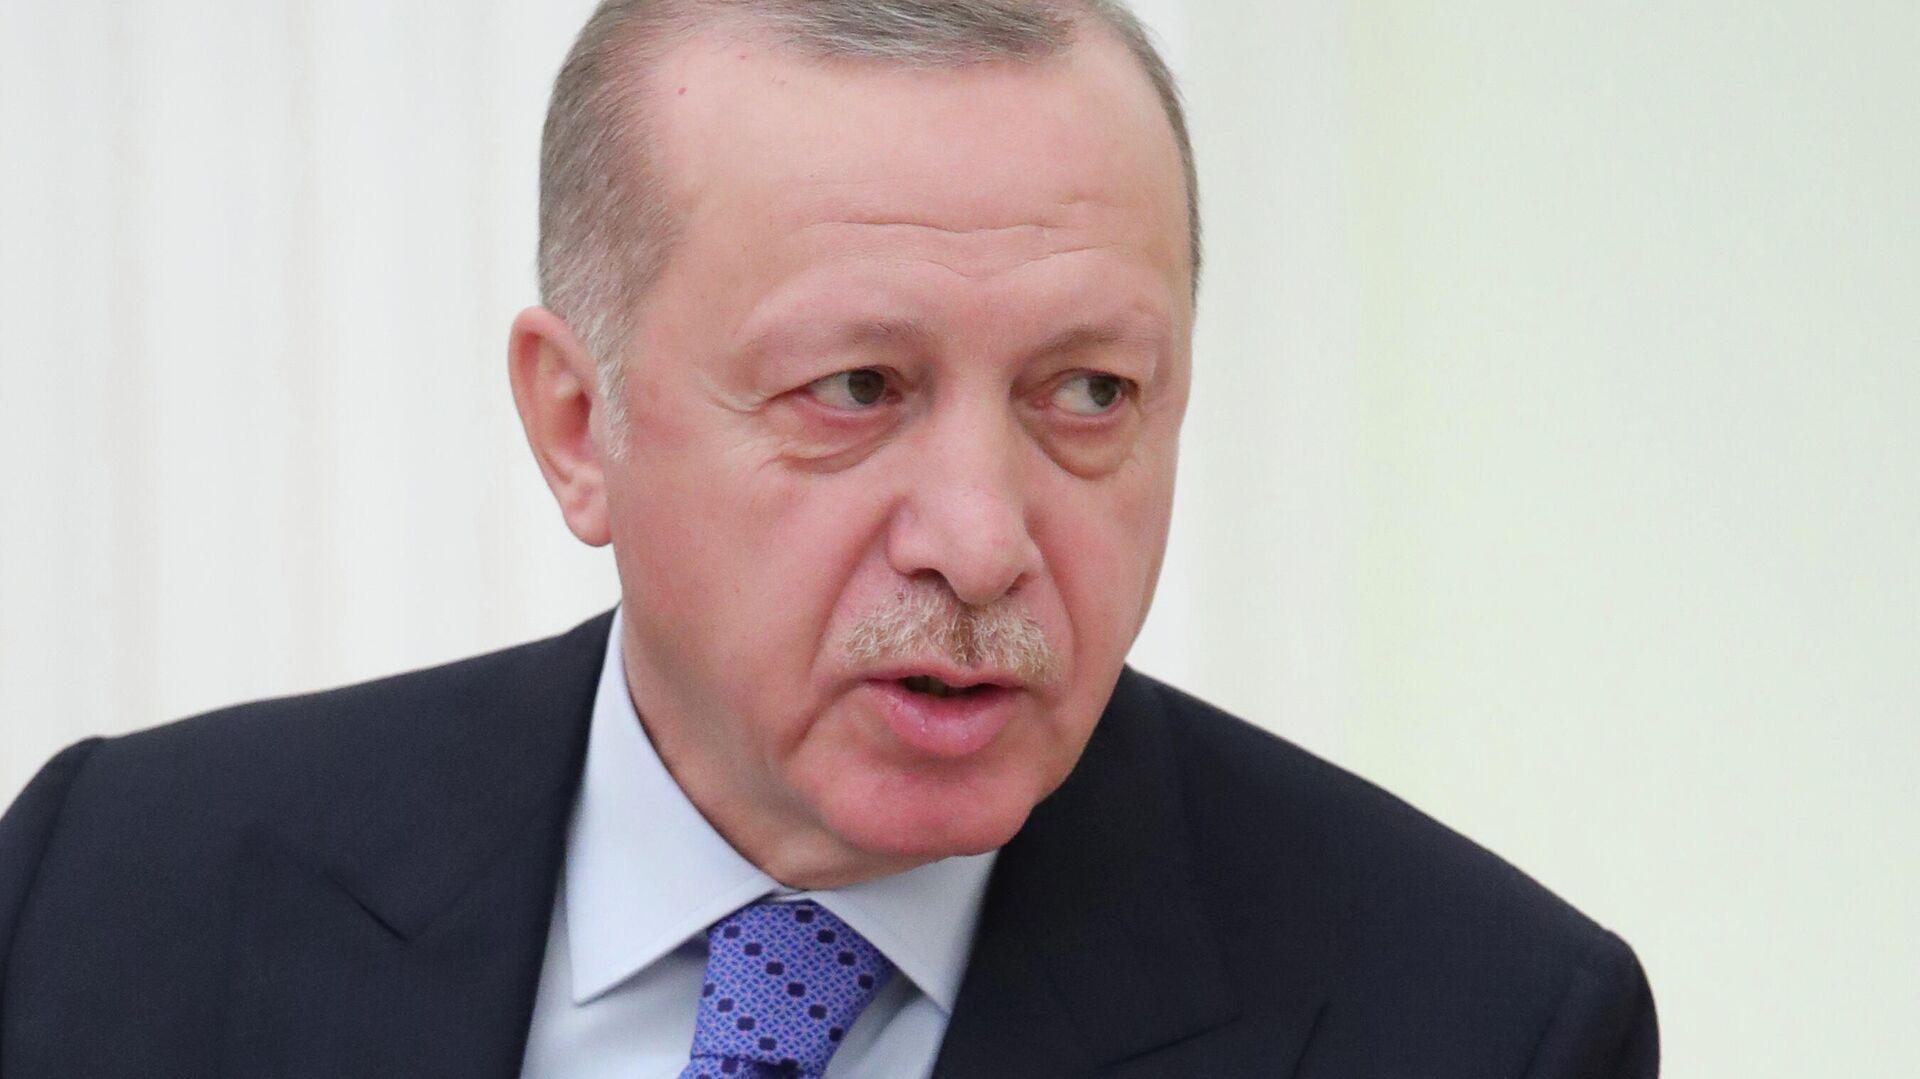 Президент Турции Реджеп Тайип Эрдоган во время встречи с президентом РФ Владимиром Путиным - РИА Новости, 1920, 28.09.2020